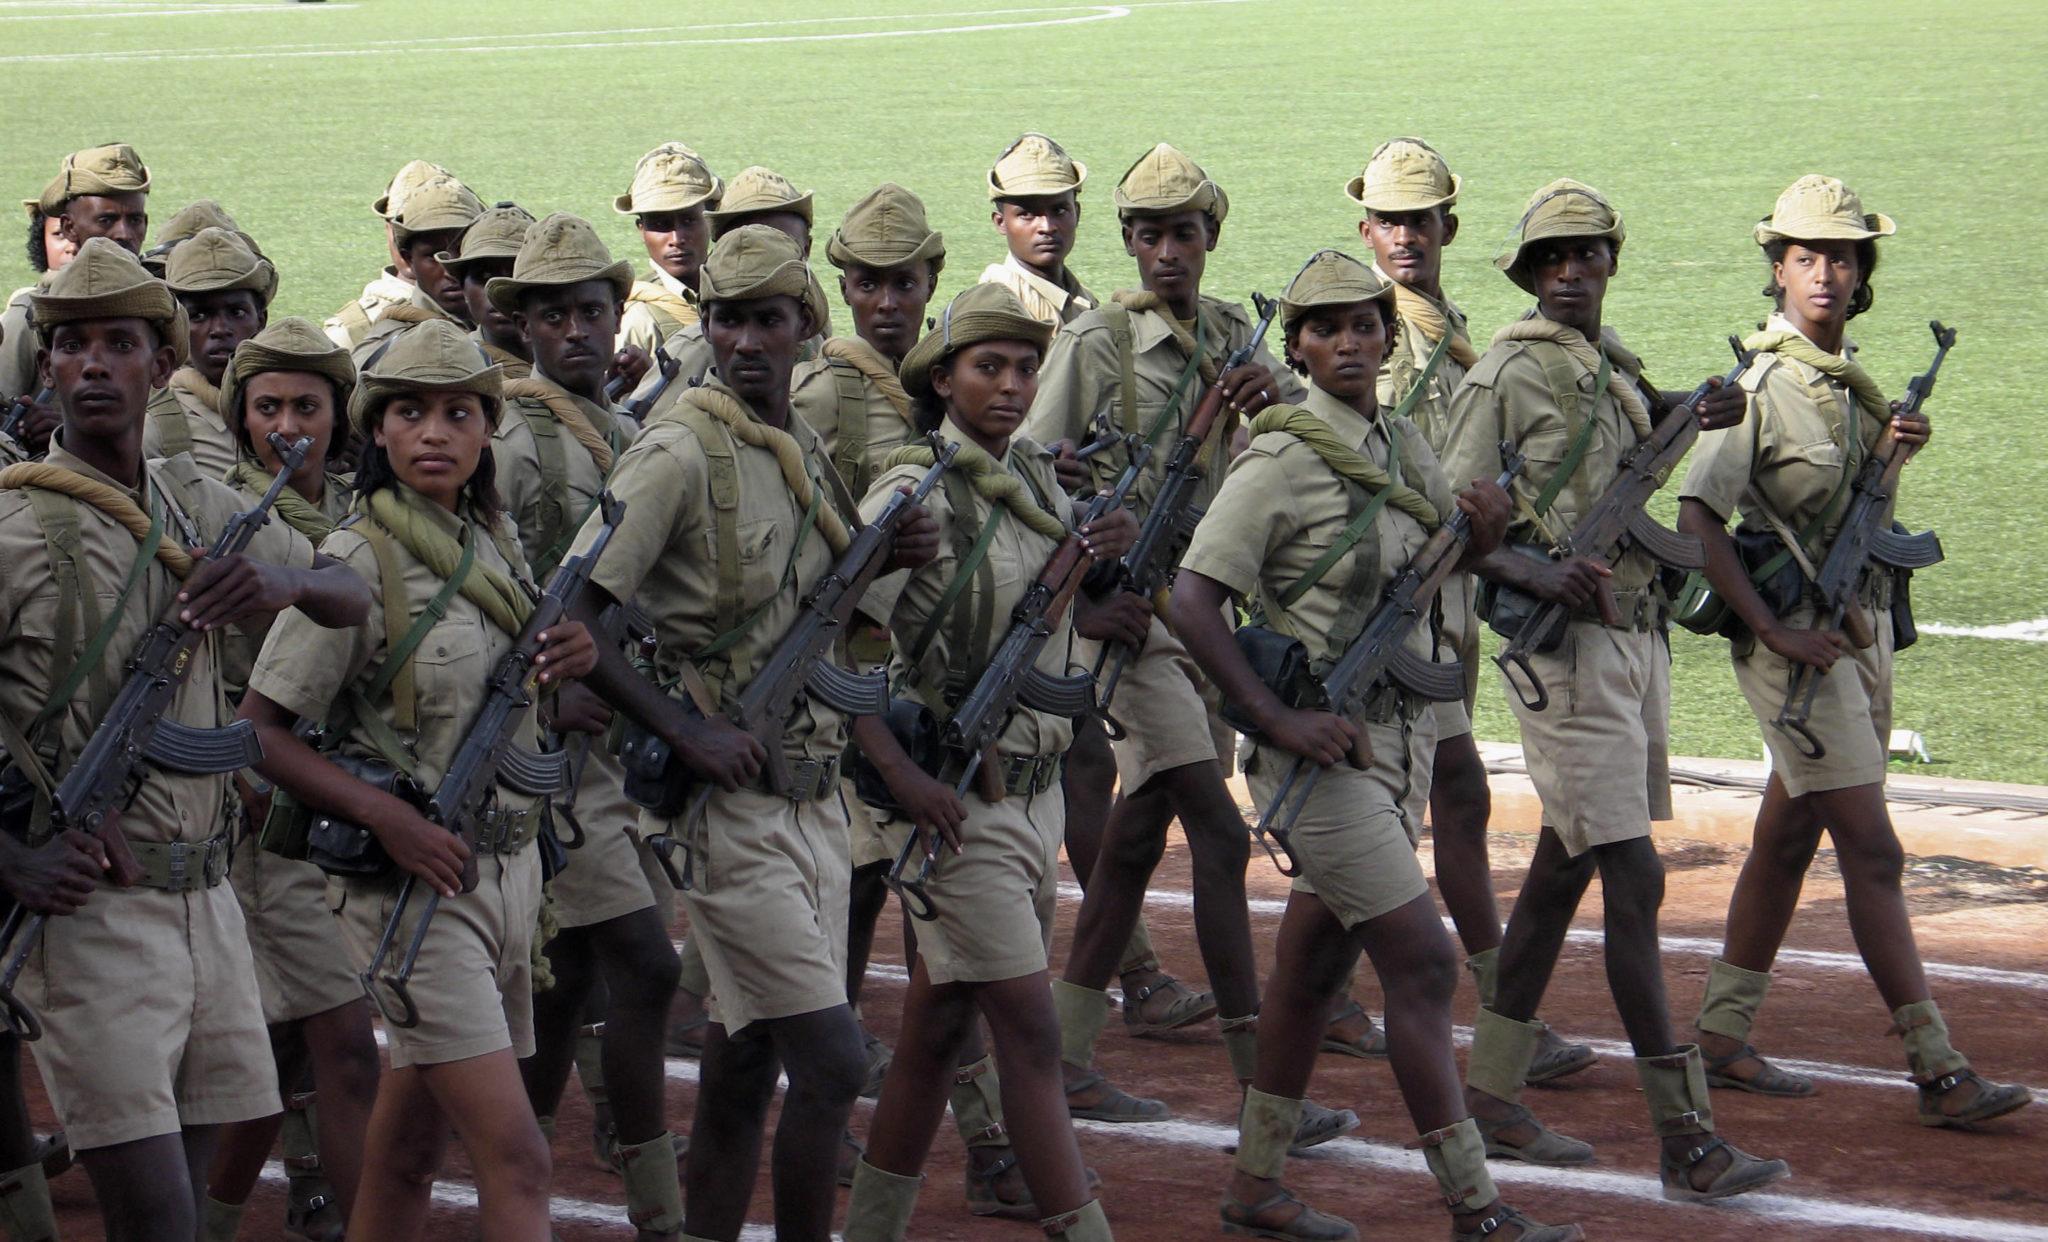 Sito di incontri per soldati